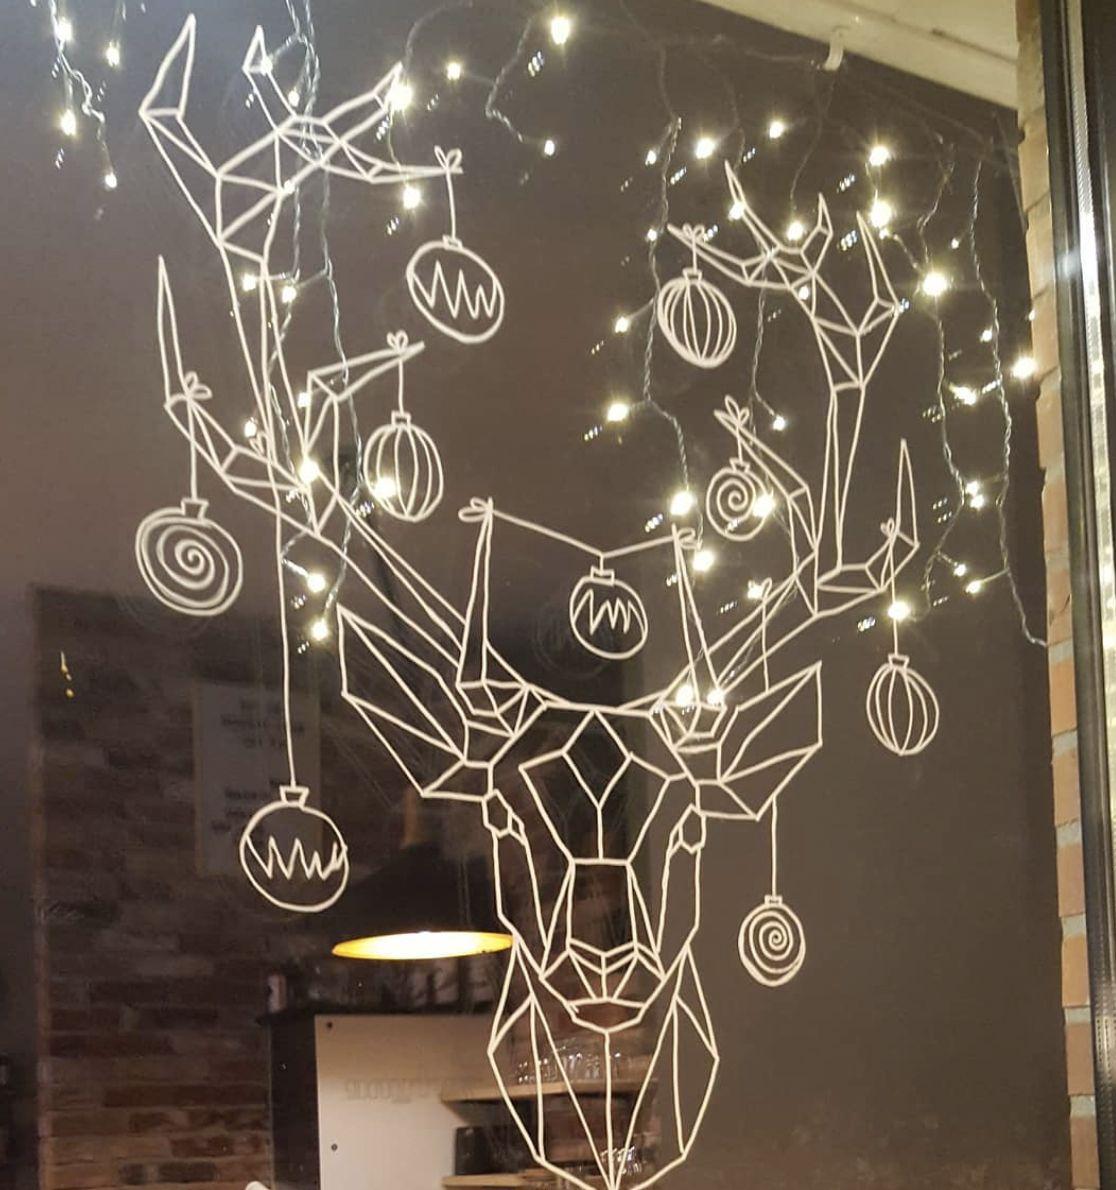 Origami kersthert #raamtekening, geïllustreerd door Origami Zoo, getekend door IN 2 HAIR #weihnachtlichefensterdeko